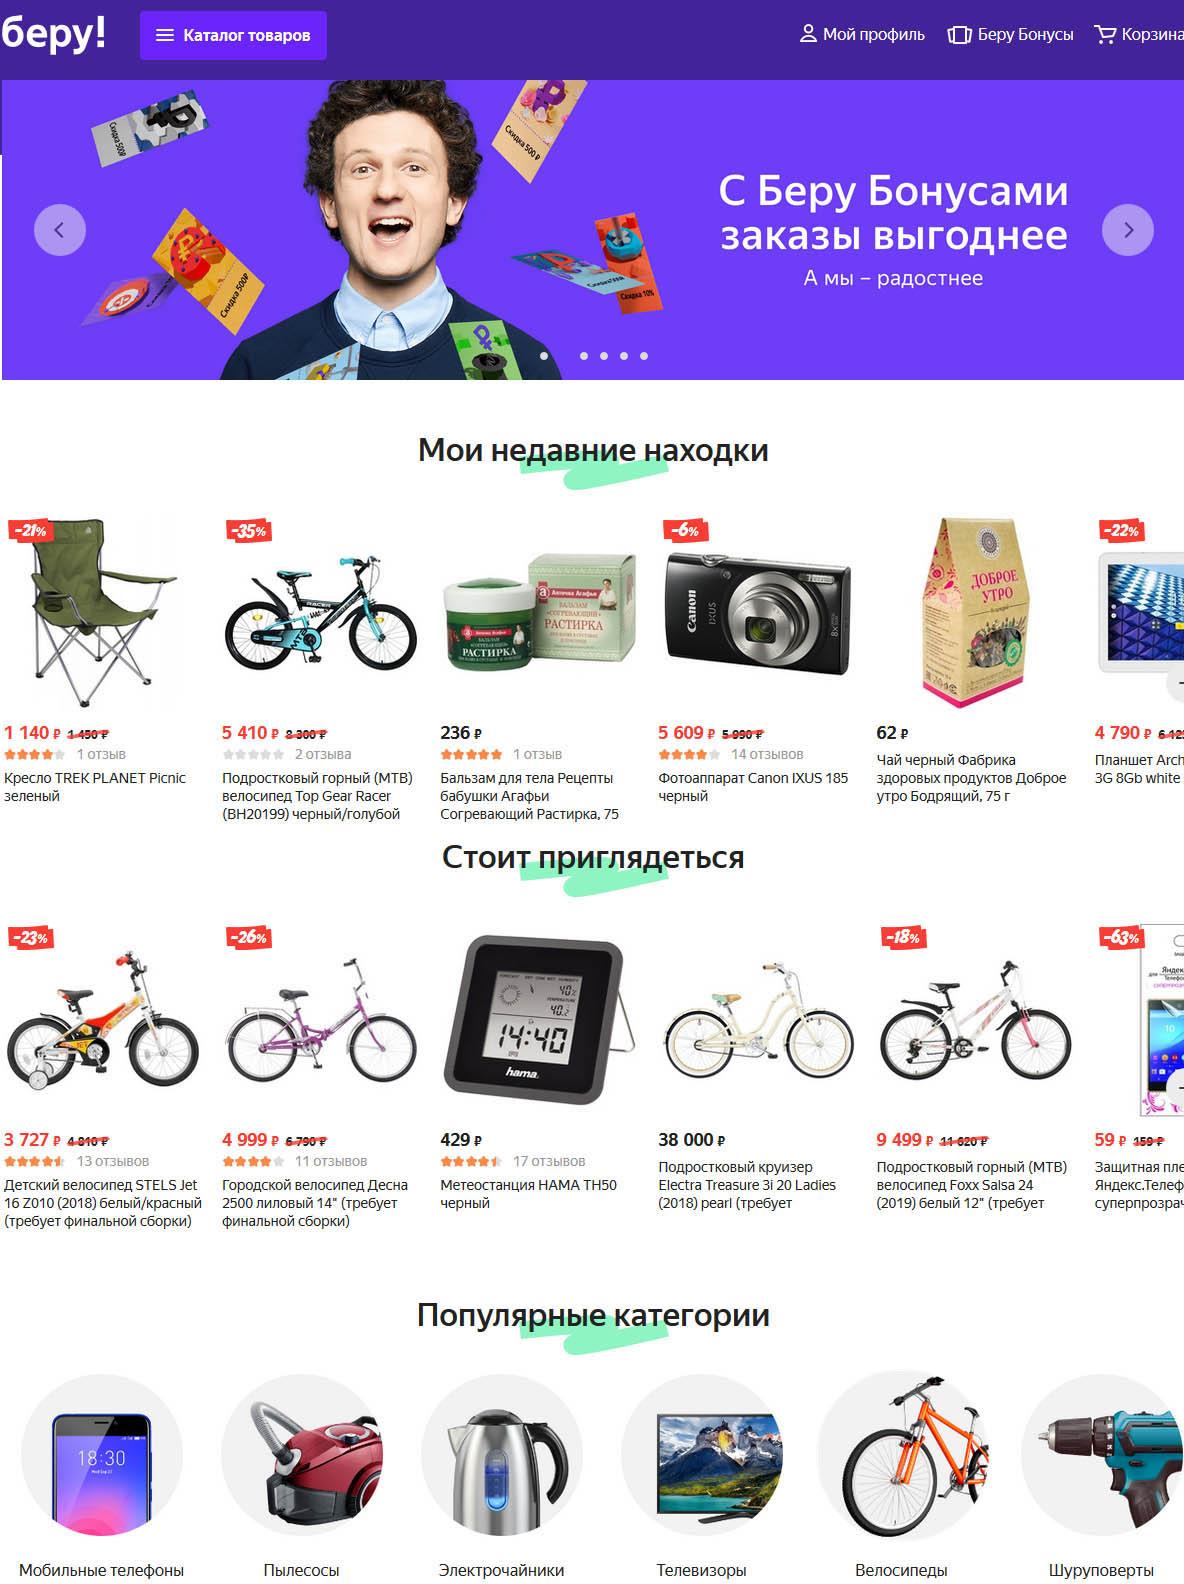 Интернет-магазин Беру